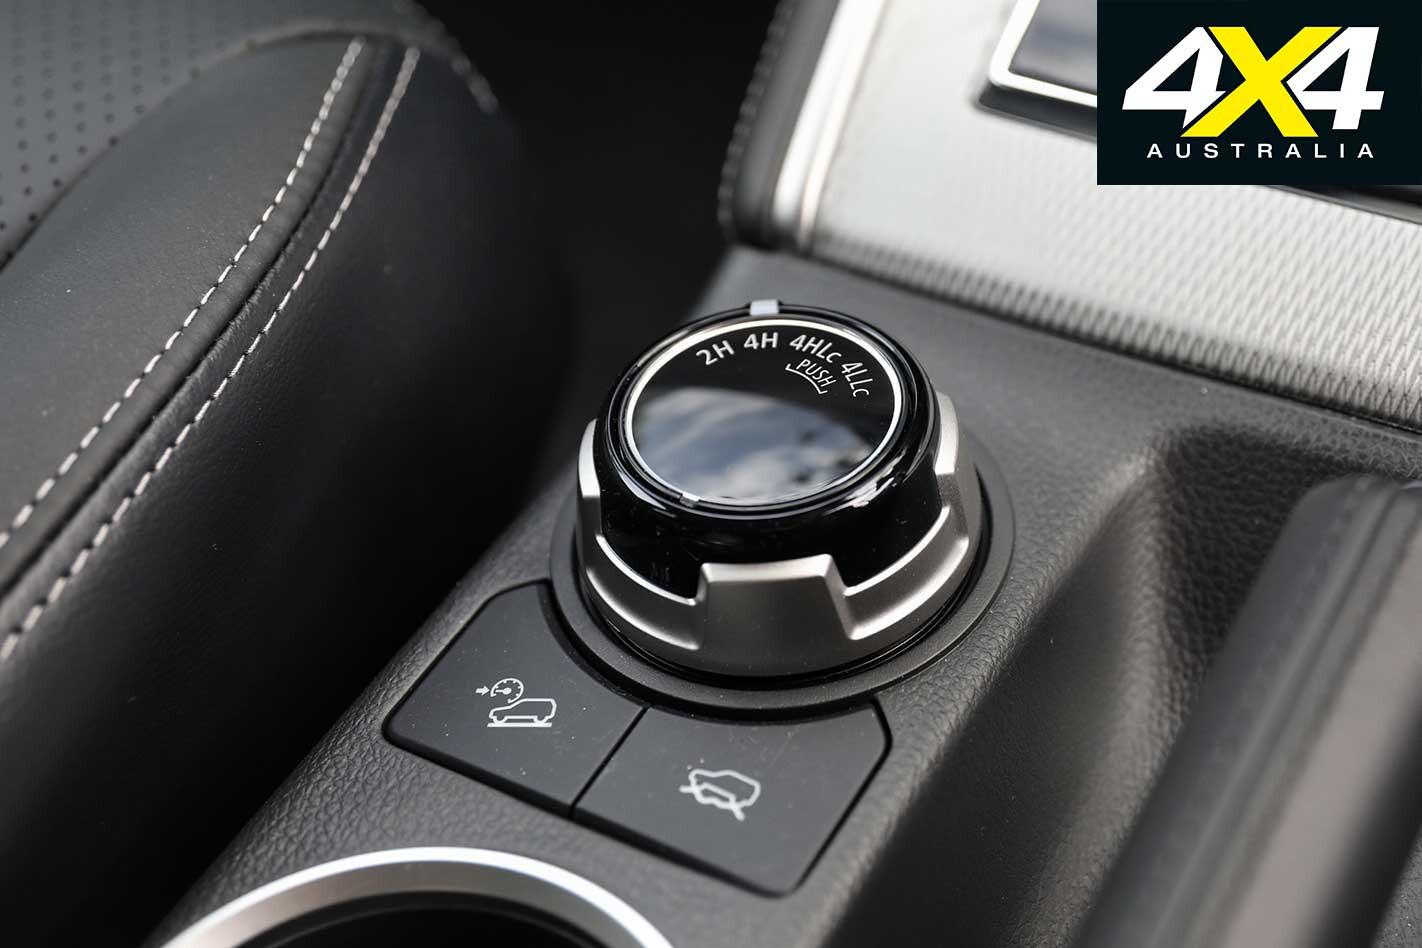 2019 Mitsubishi Triton Interior Super Select Dial Jpg